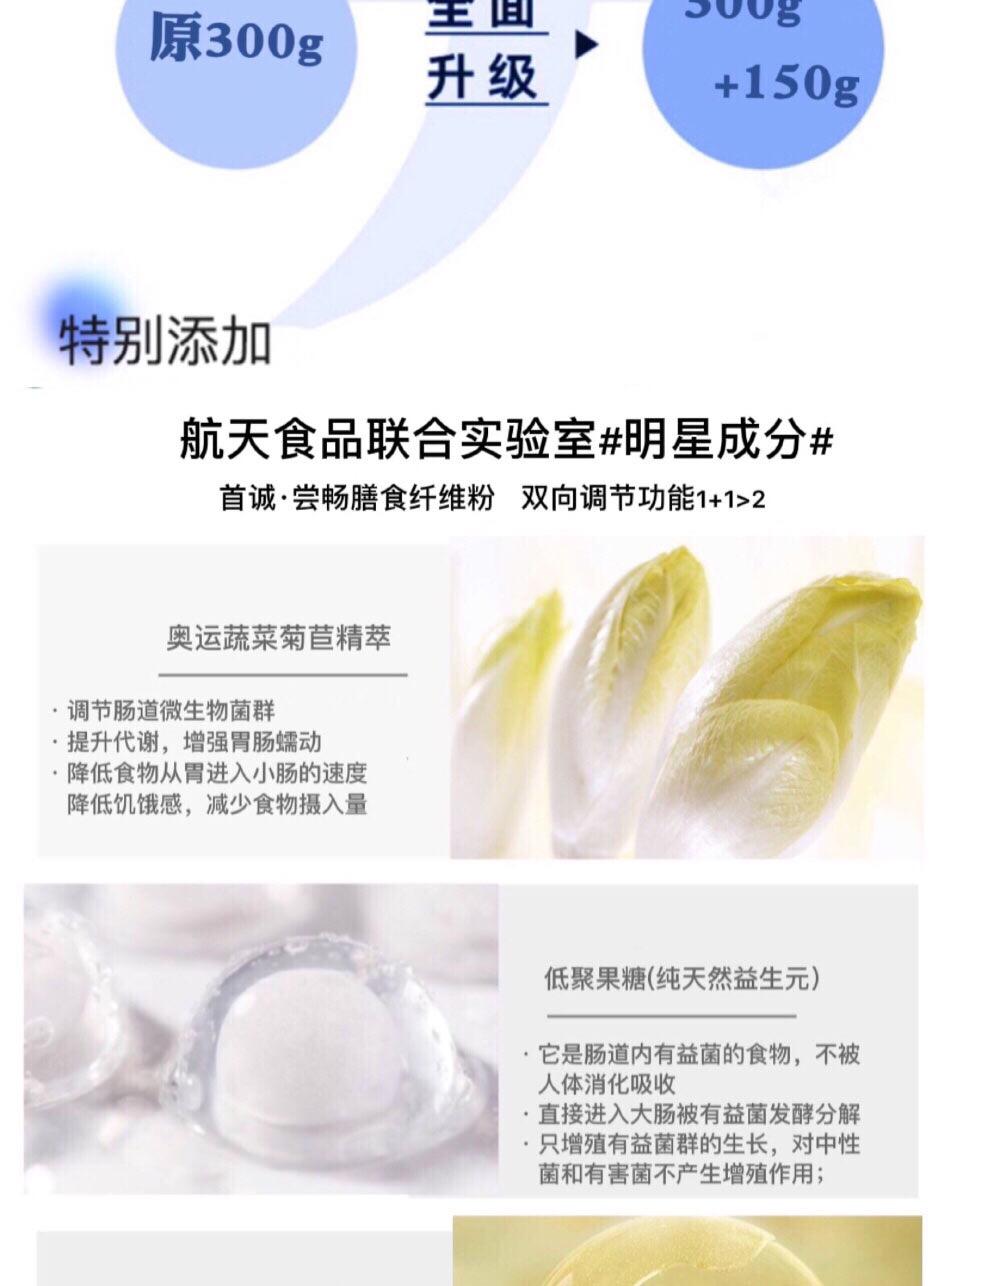 航天级食品 蛹虫草 高端蔬菜 菊苣 果汁饮品